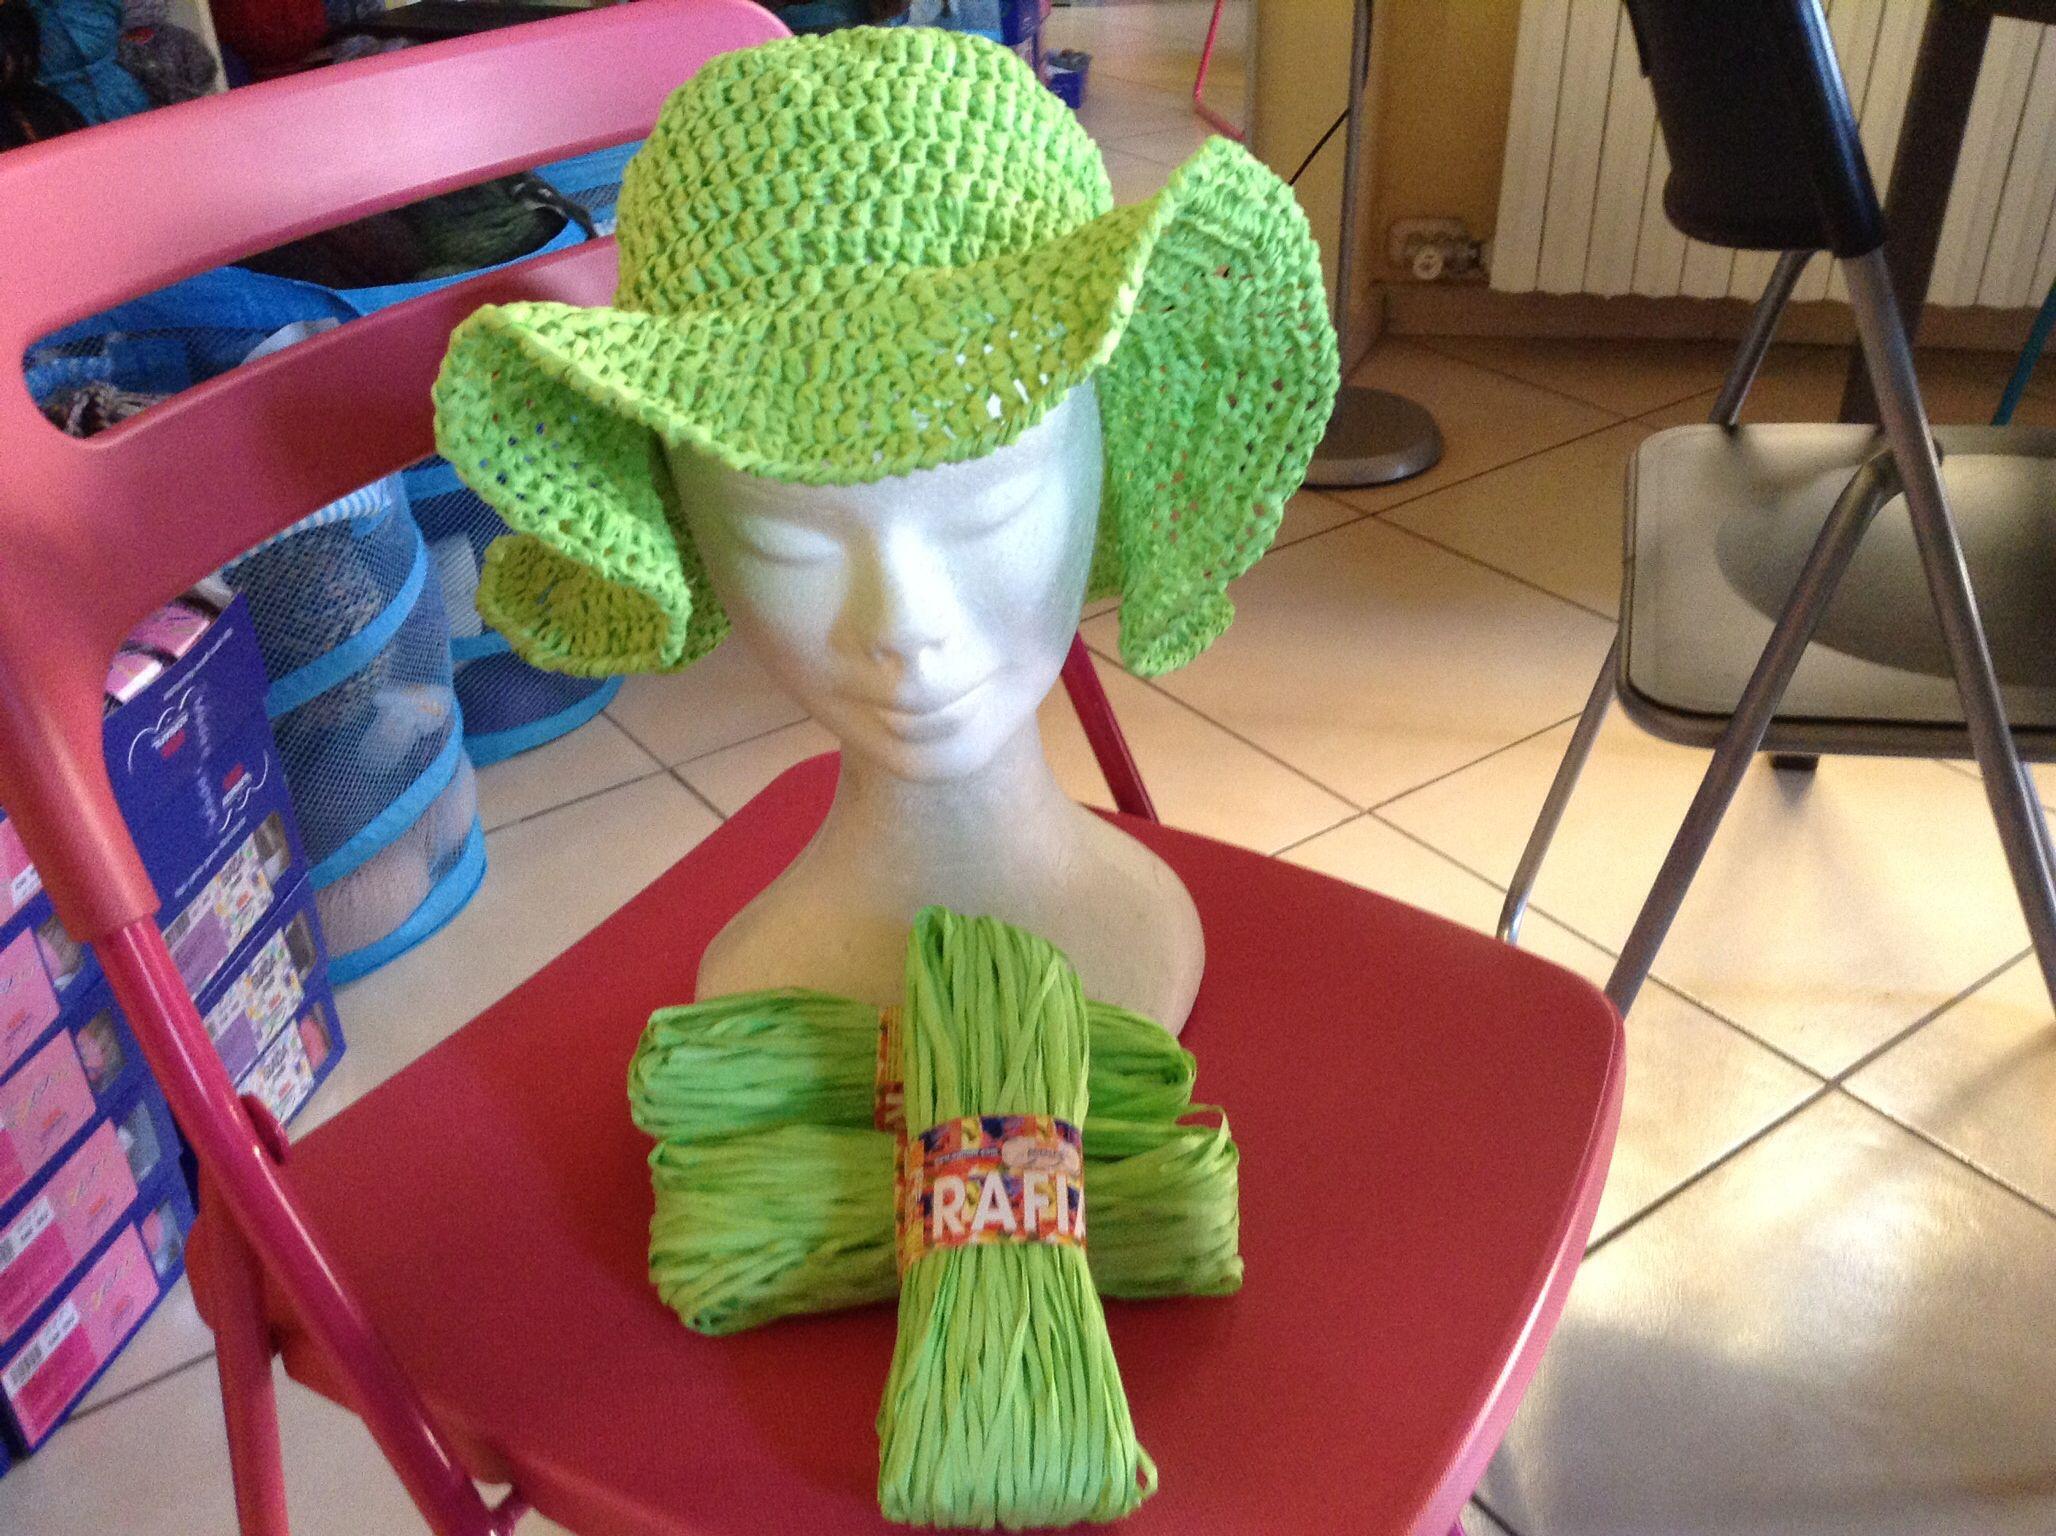 Cappello rafia 100% vegetale